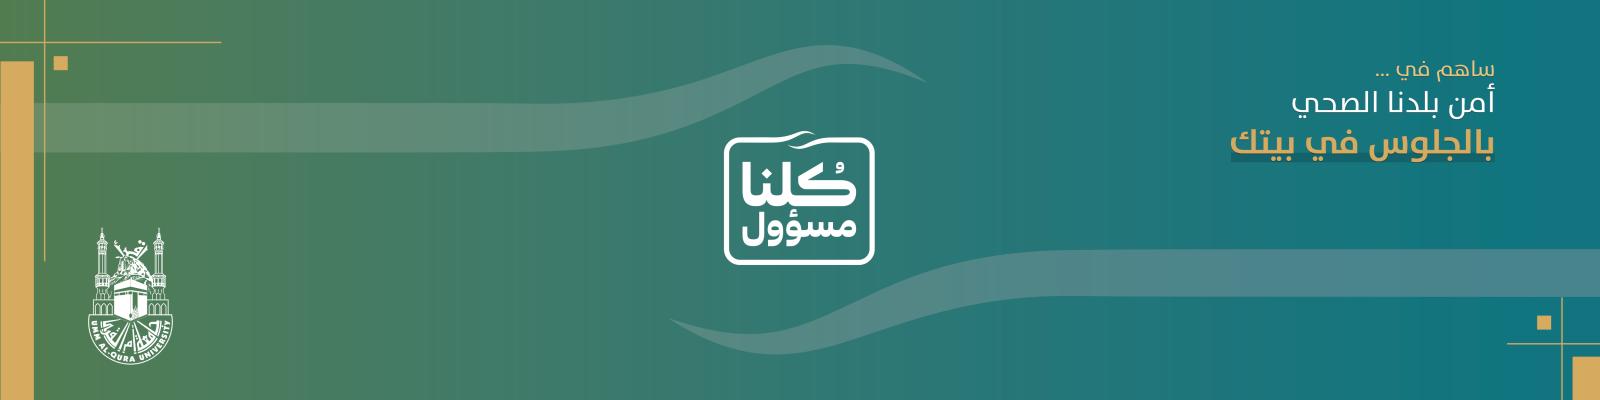 جامعة أم القرى In 2020 Home Decor Decals Eid Mubarak Home Decor